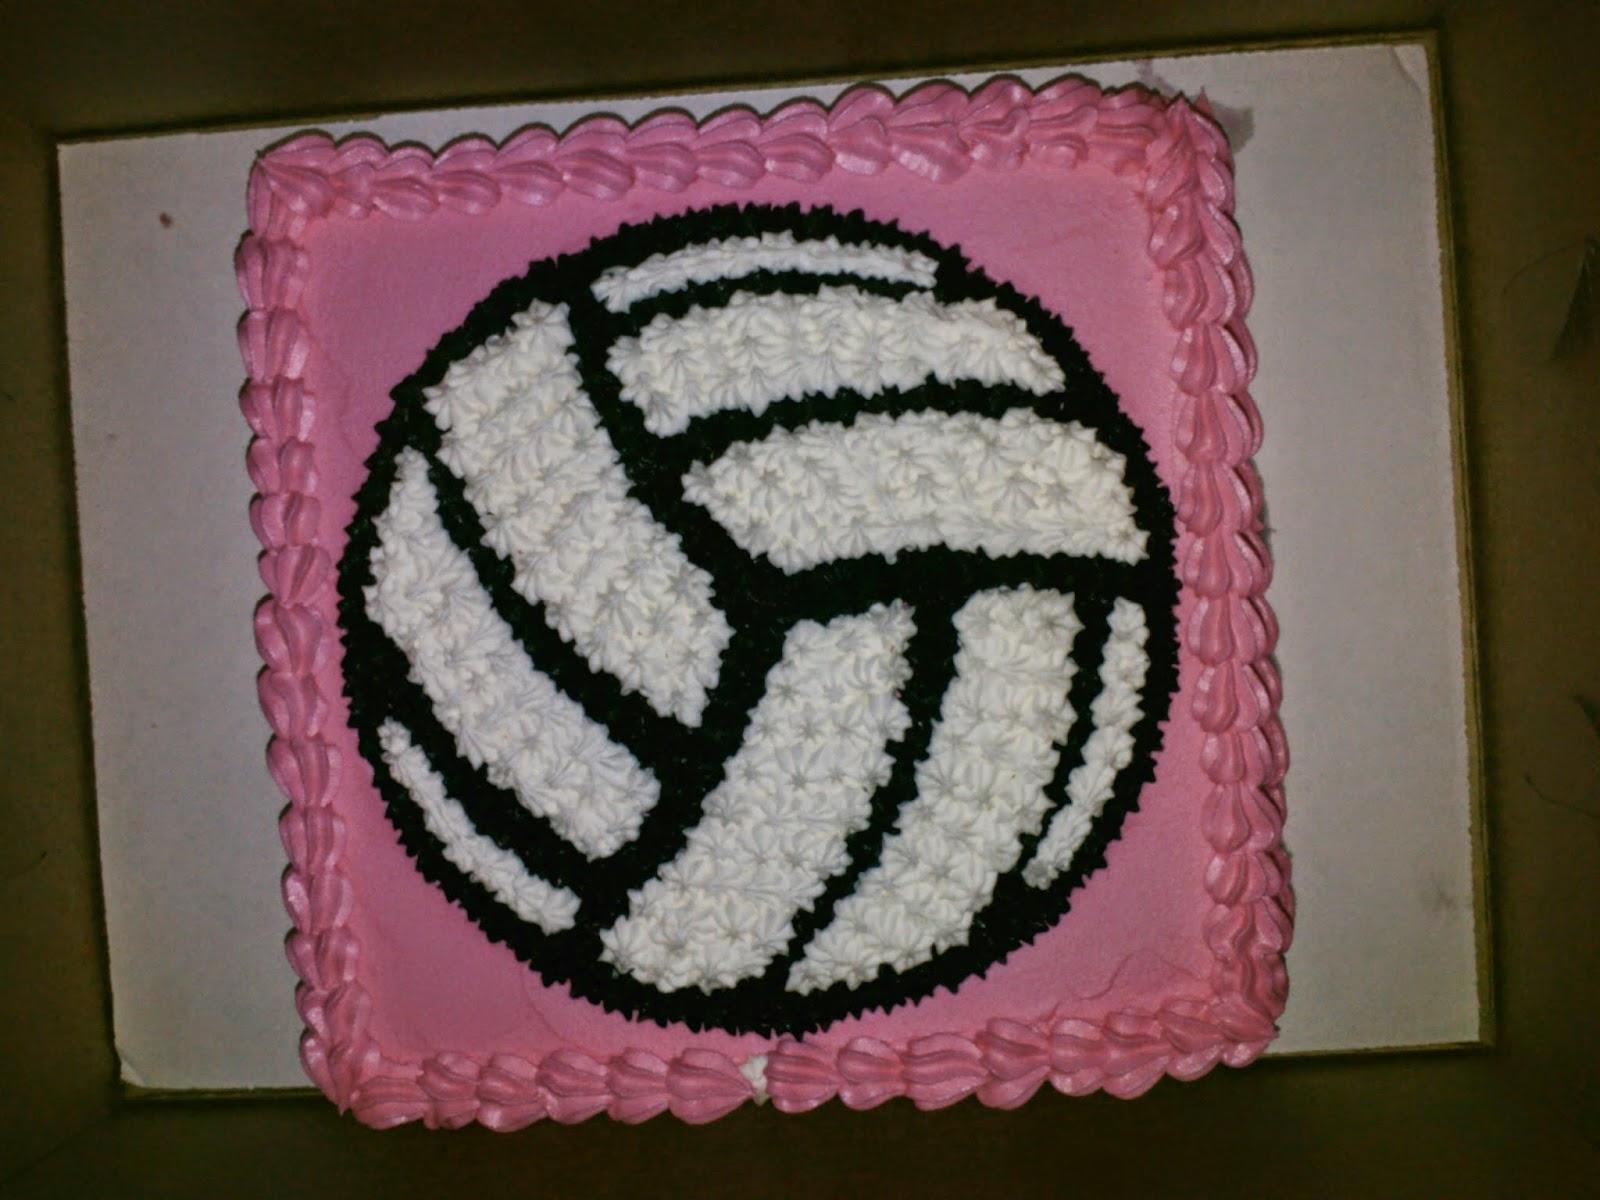 PattyCakes cakes by Patty J: misc cakes